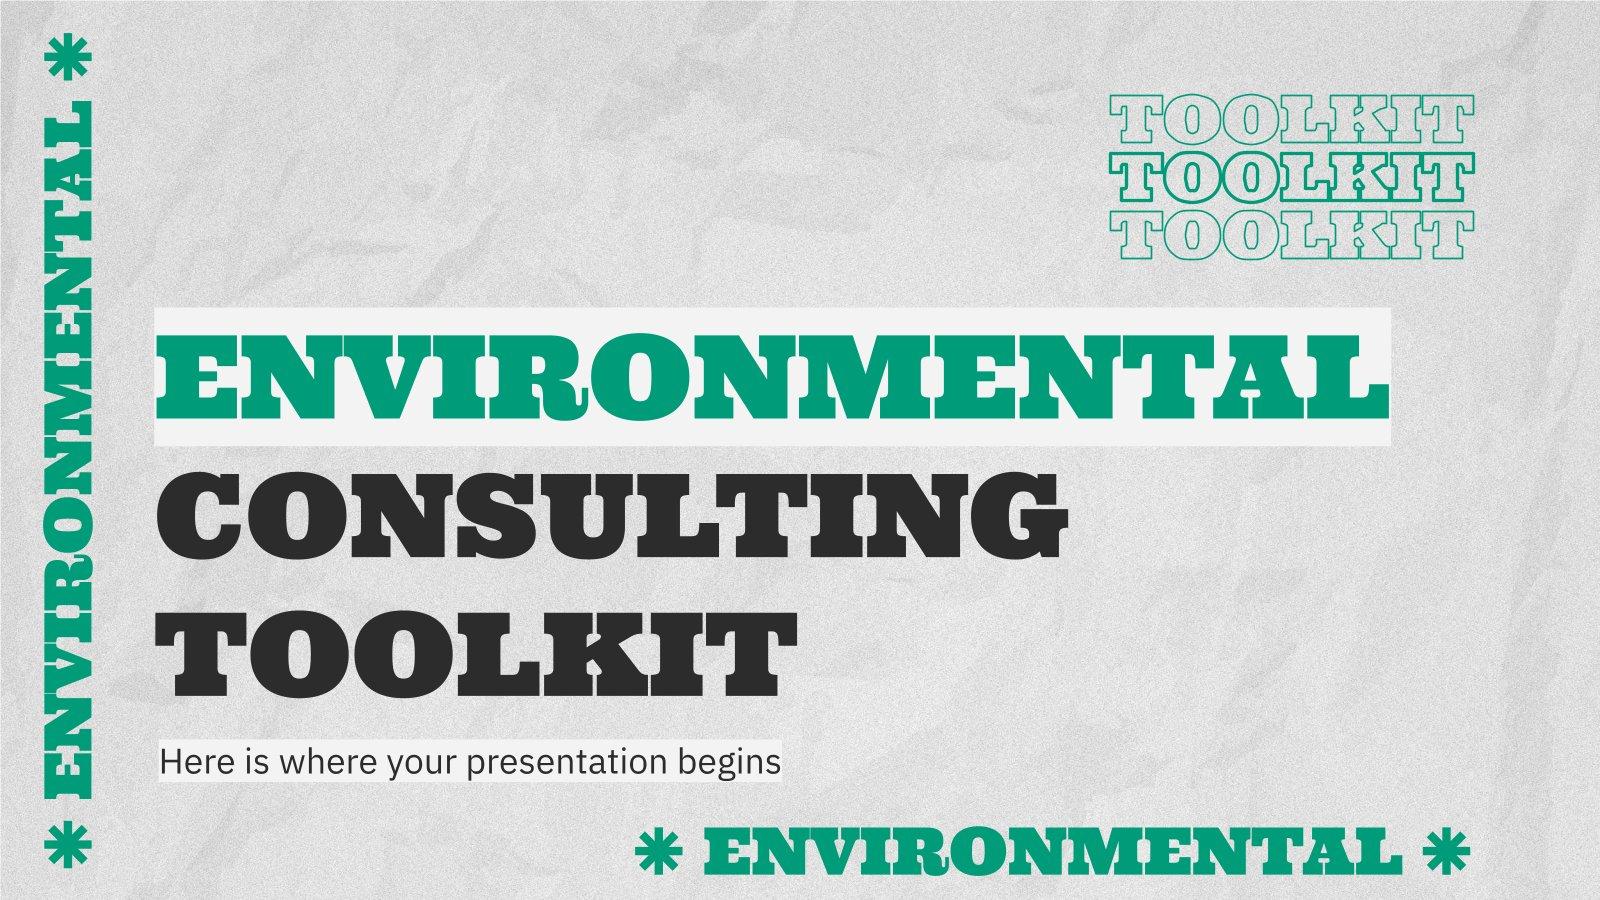 Tools für die Umweltberatung Präsentationsvorlage